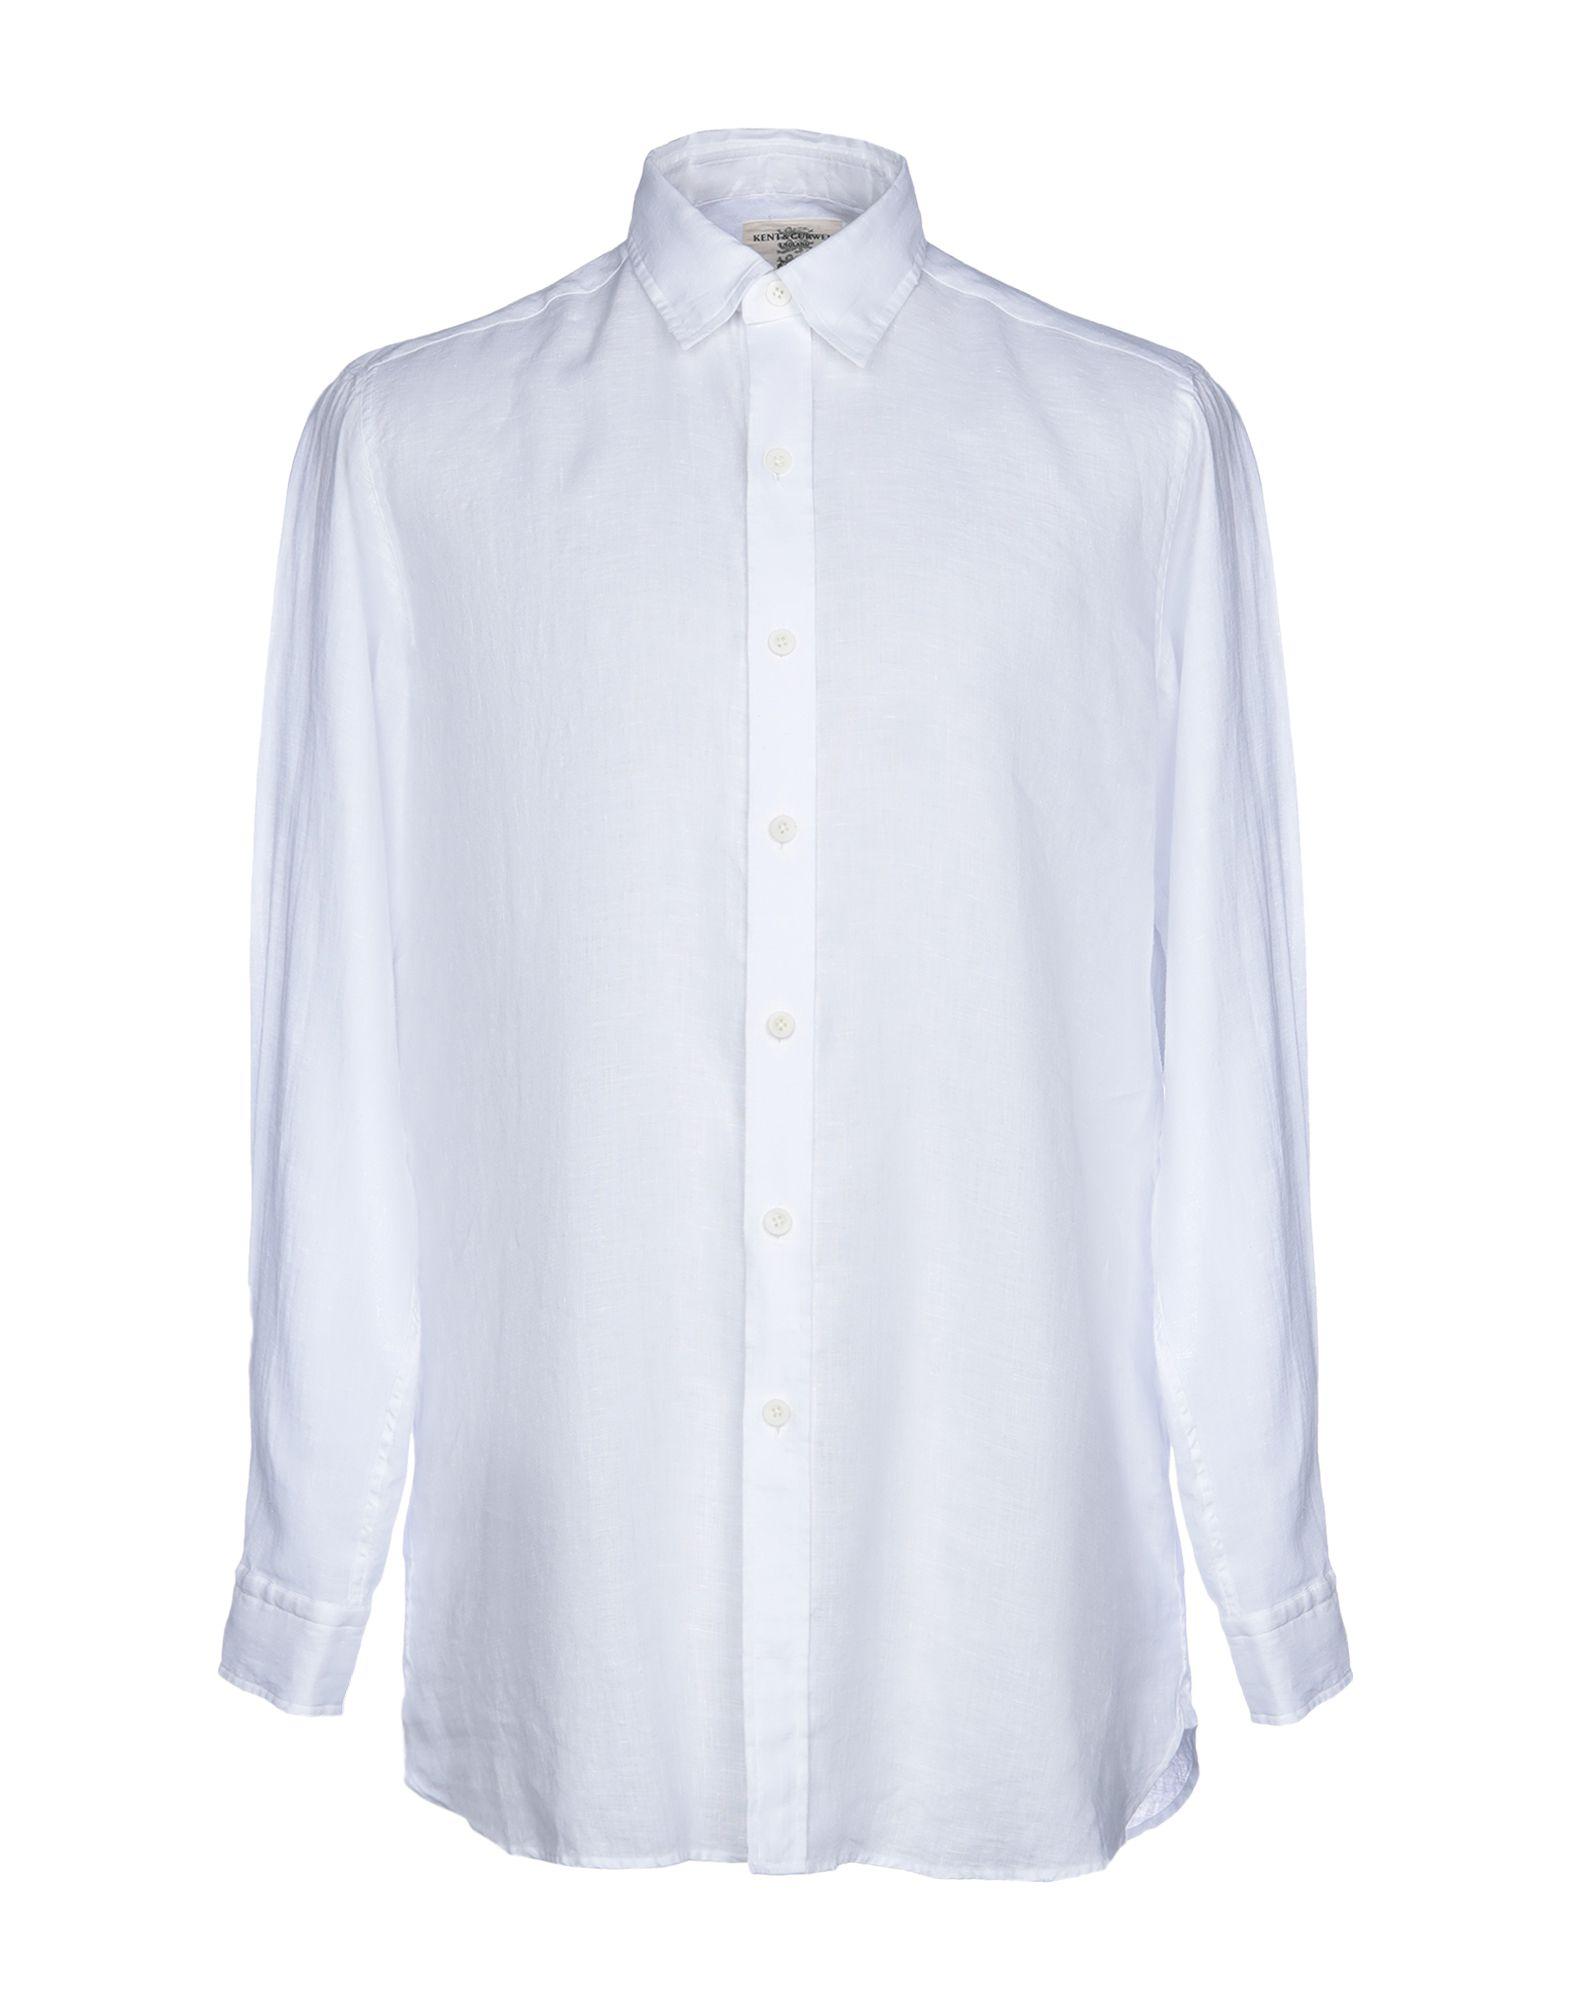 《送料無料》KENT & CURWEN メンズ シャツ ホワイト XS 麻 100%